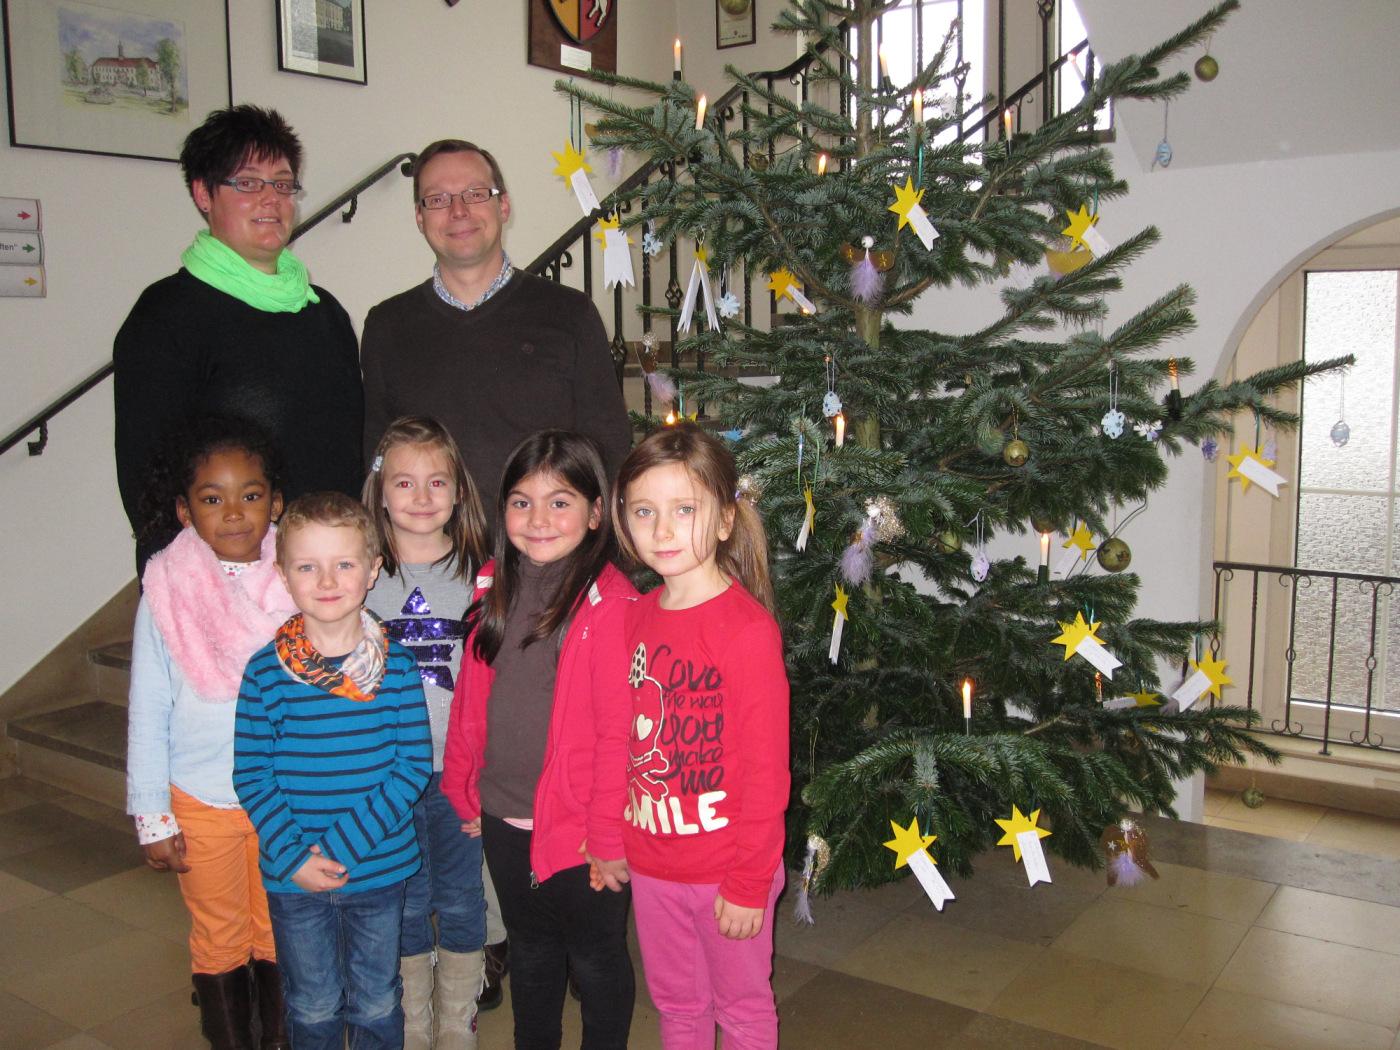 Geschenke für bedürftige Kinder - Stadt Bad Lippspringe